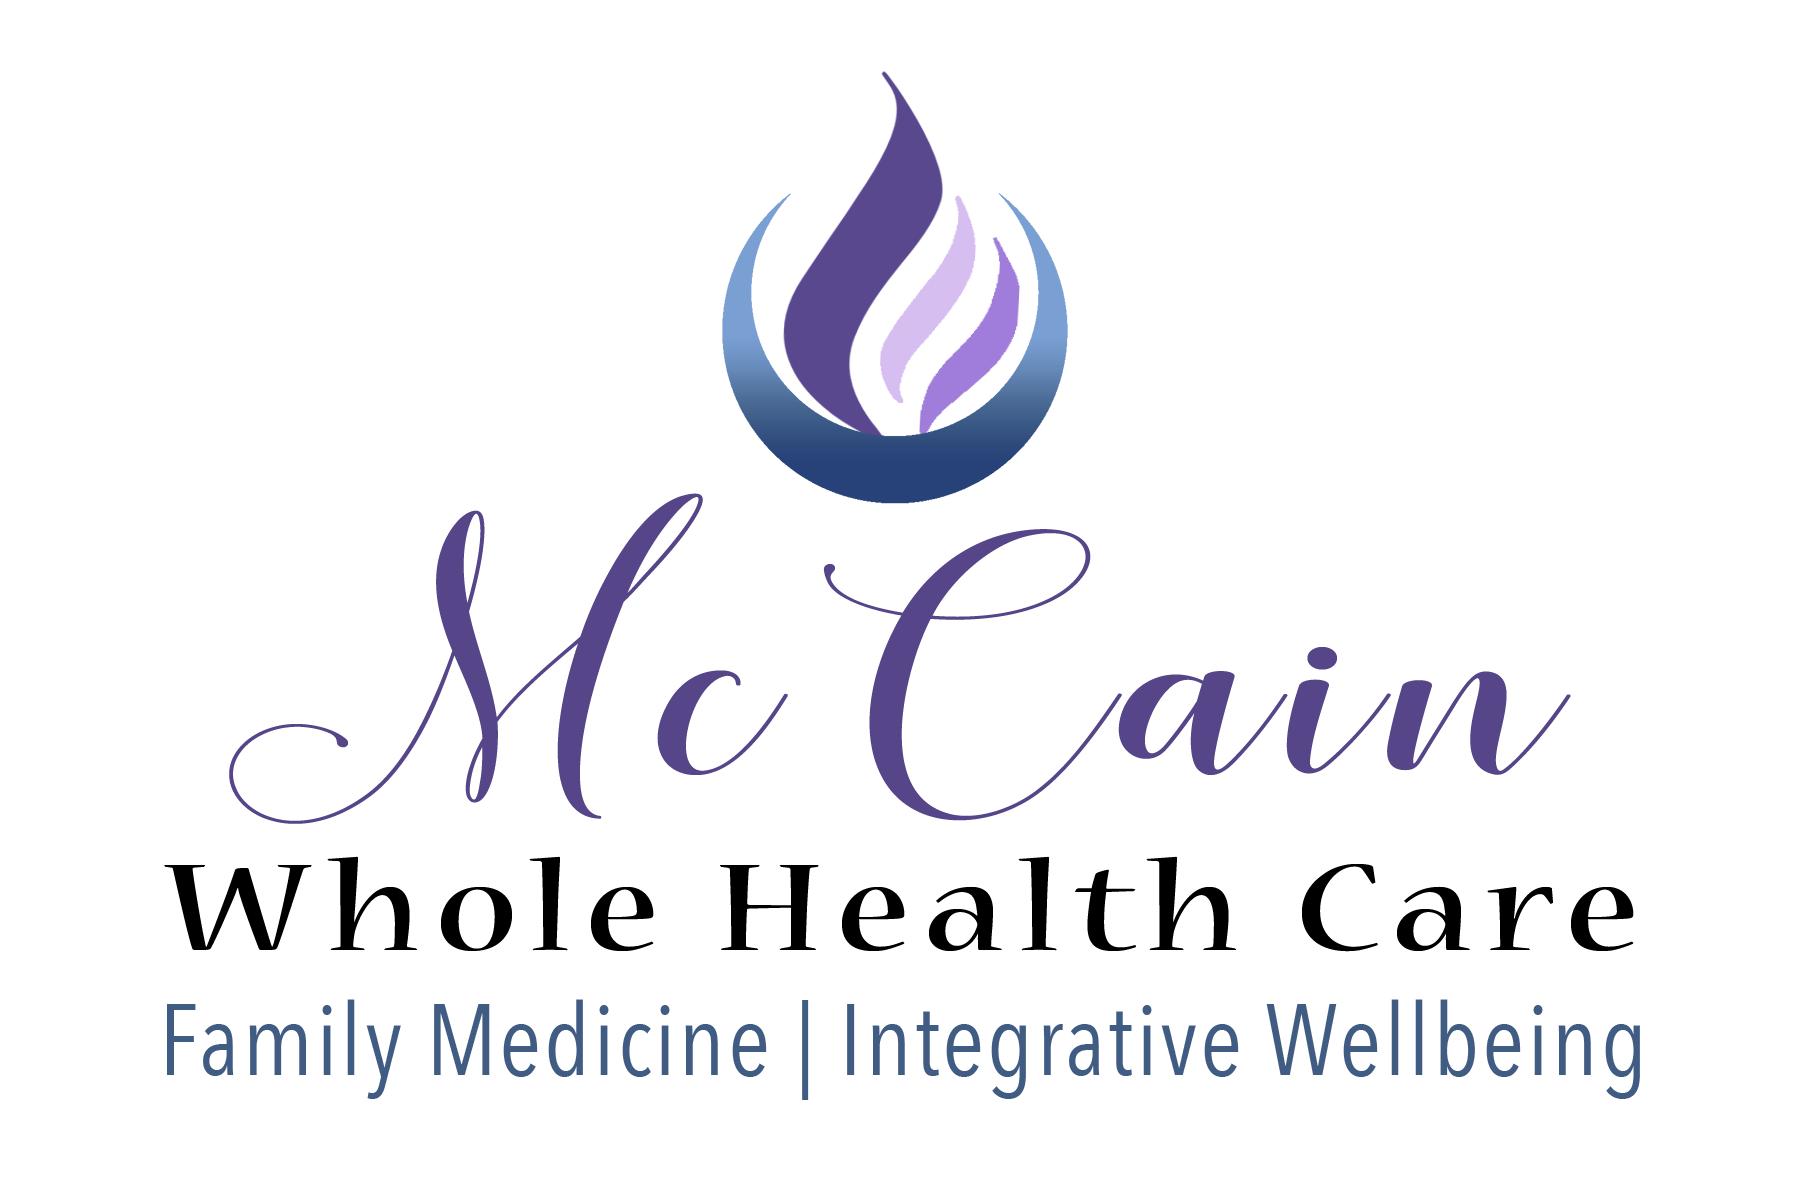 McCain Whole Health Care